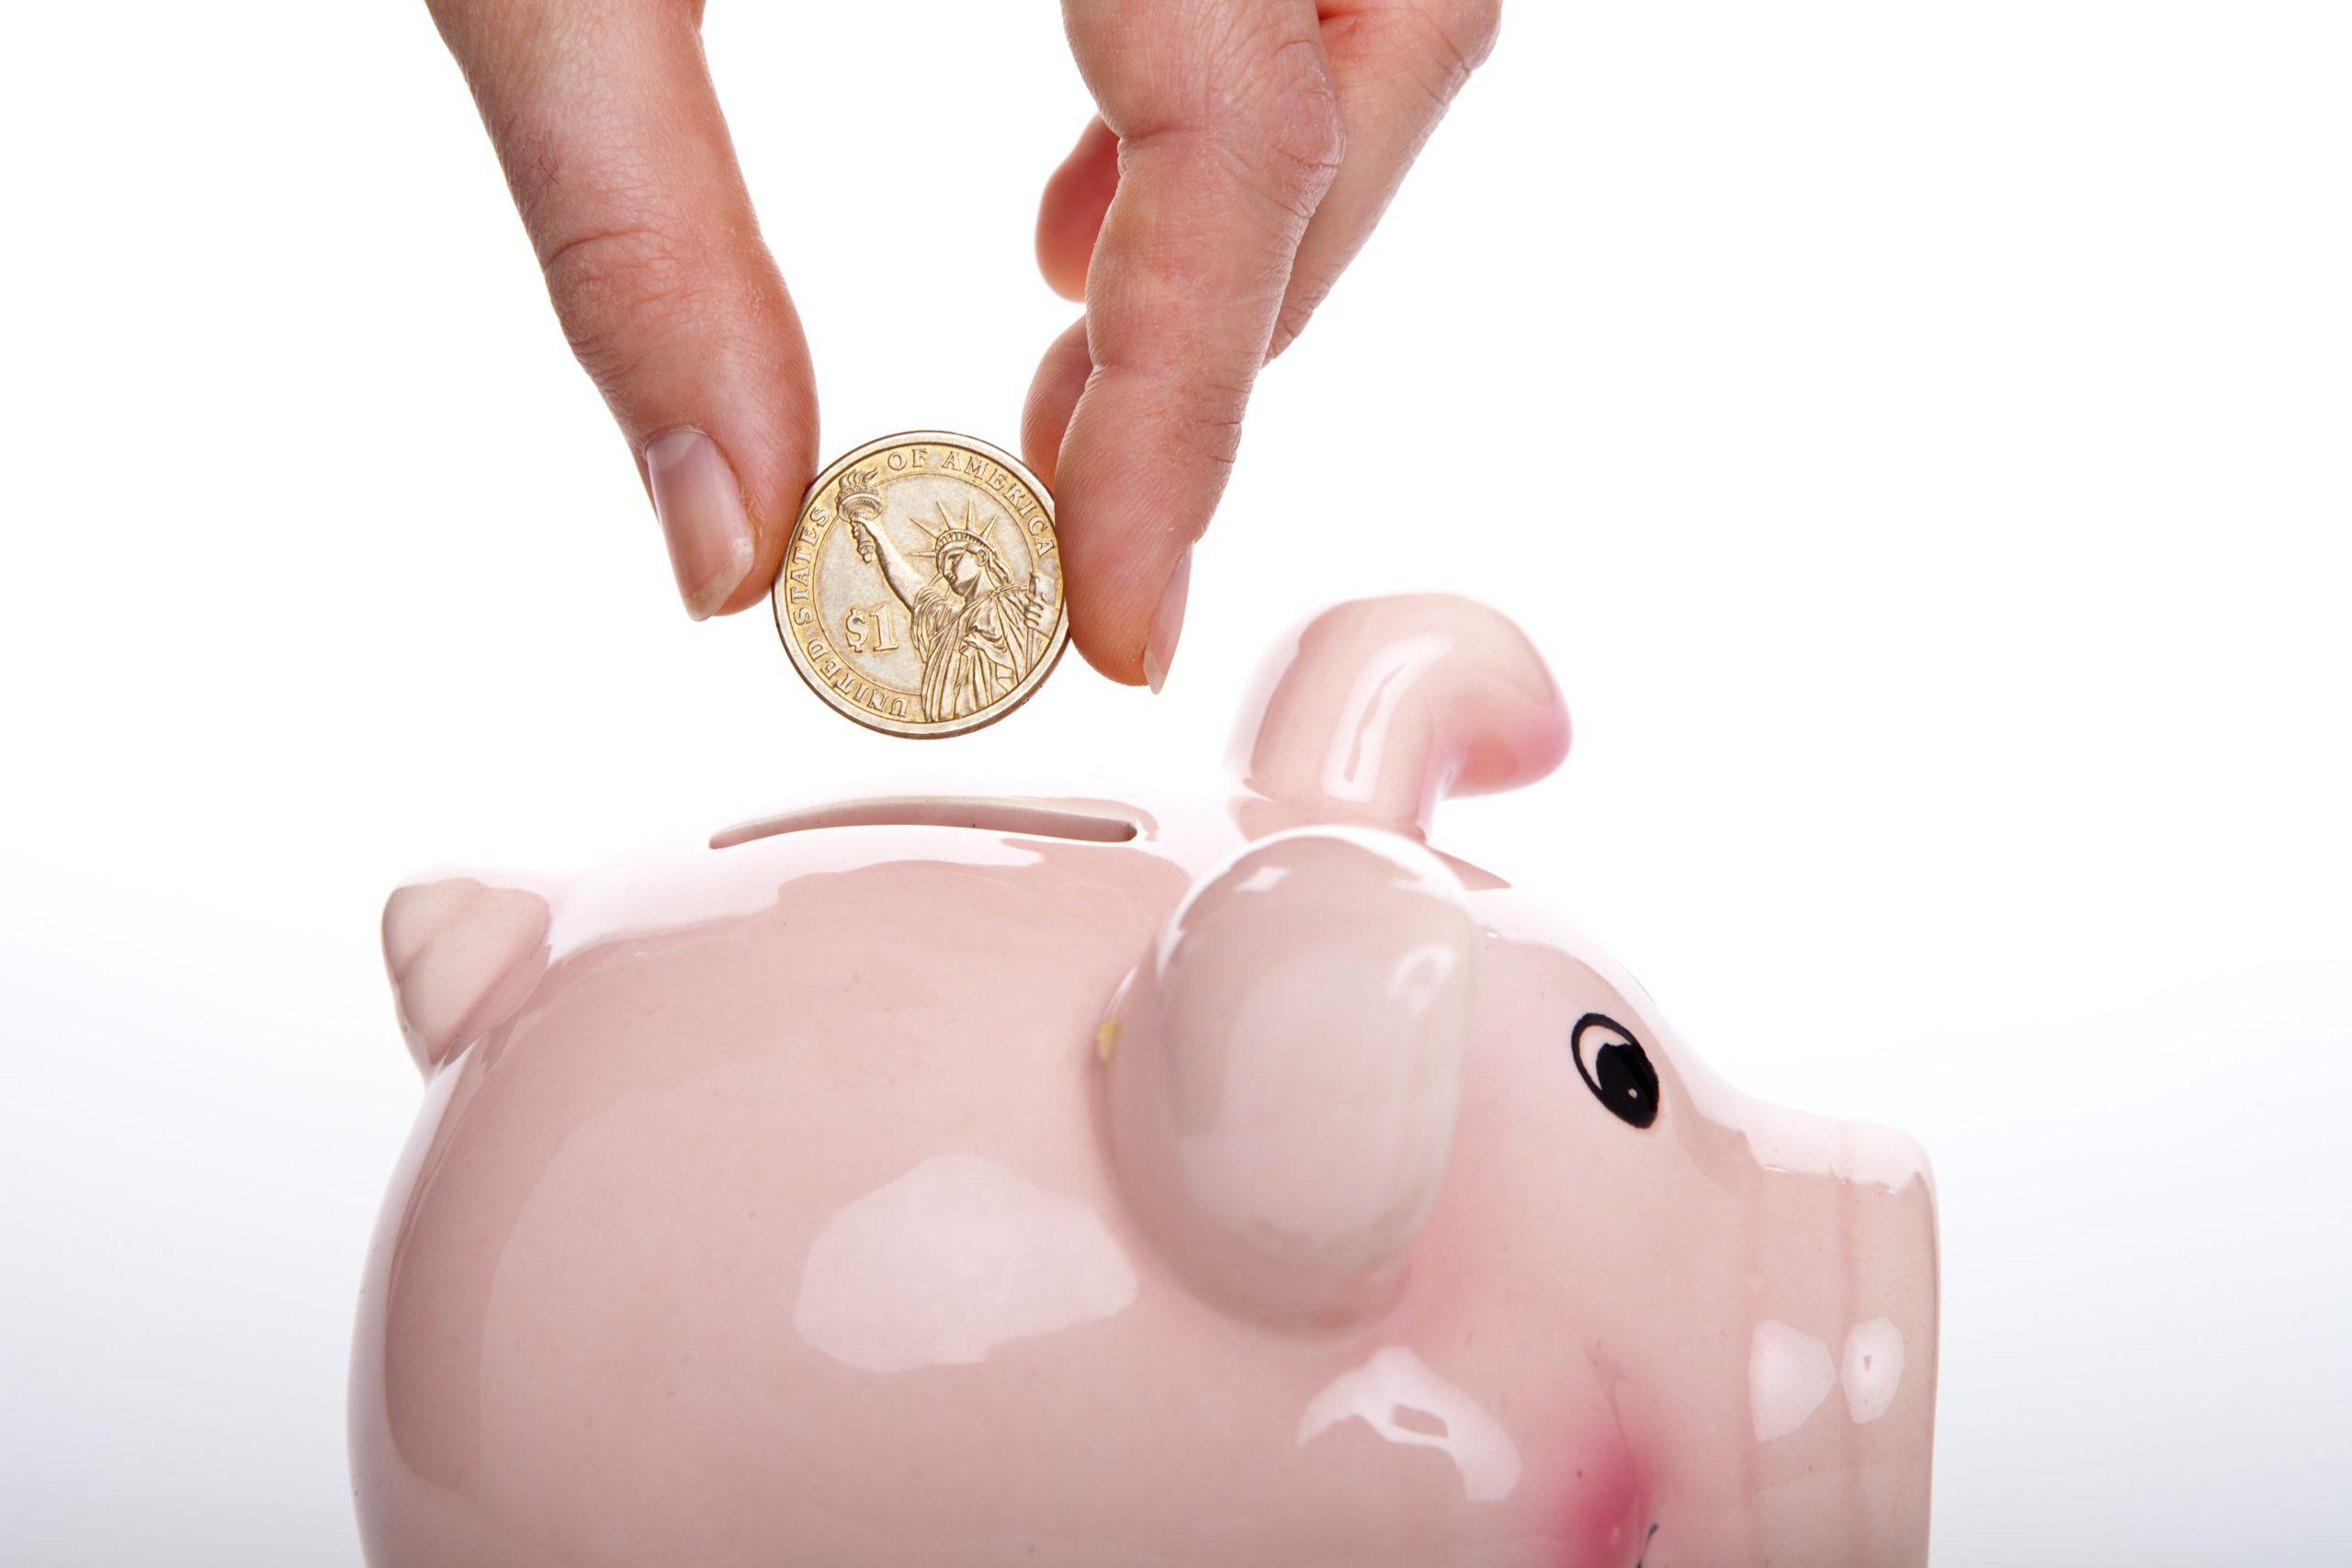 Image principale de l'article Livrets d'épargne: Quels sont les meilleurs livrets pour épargner en 2021?